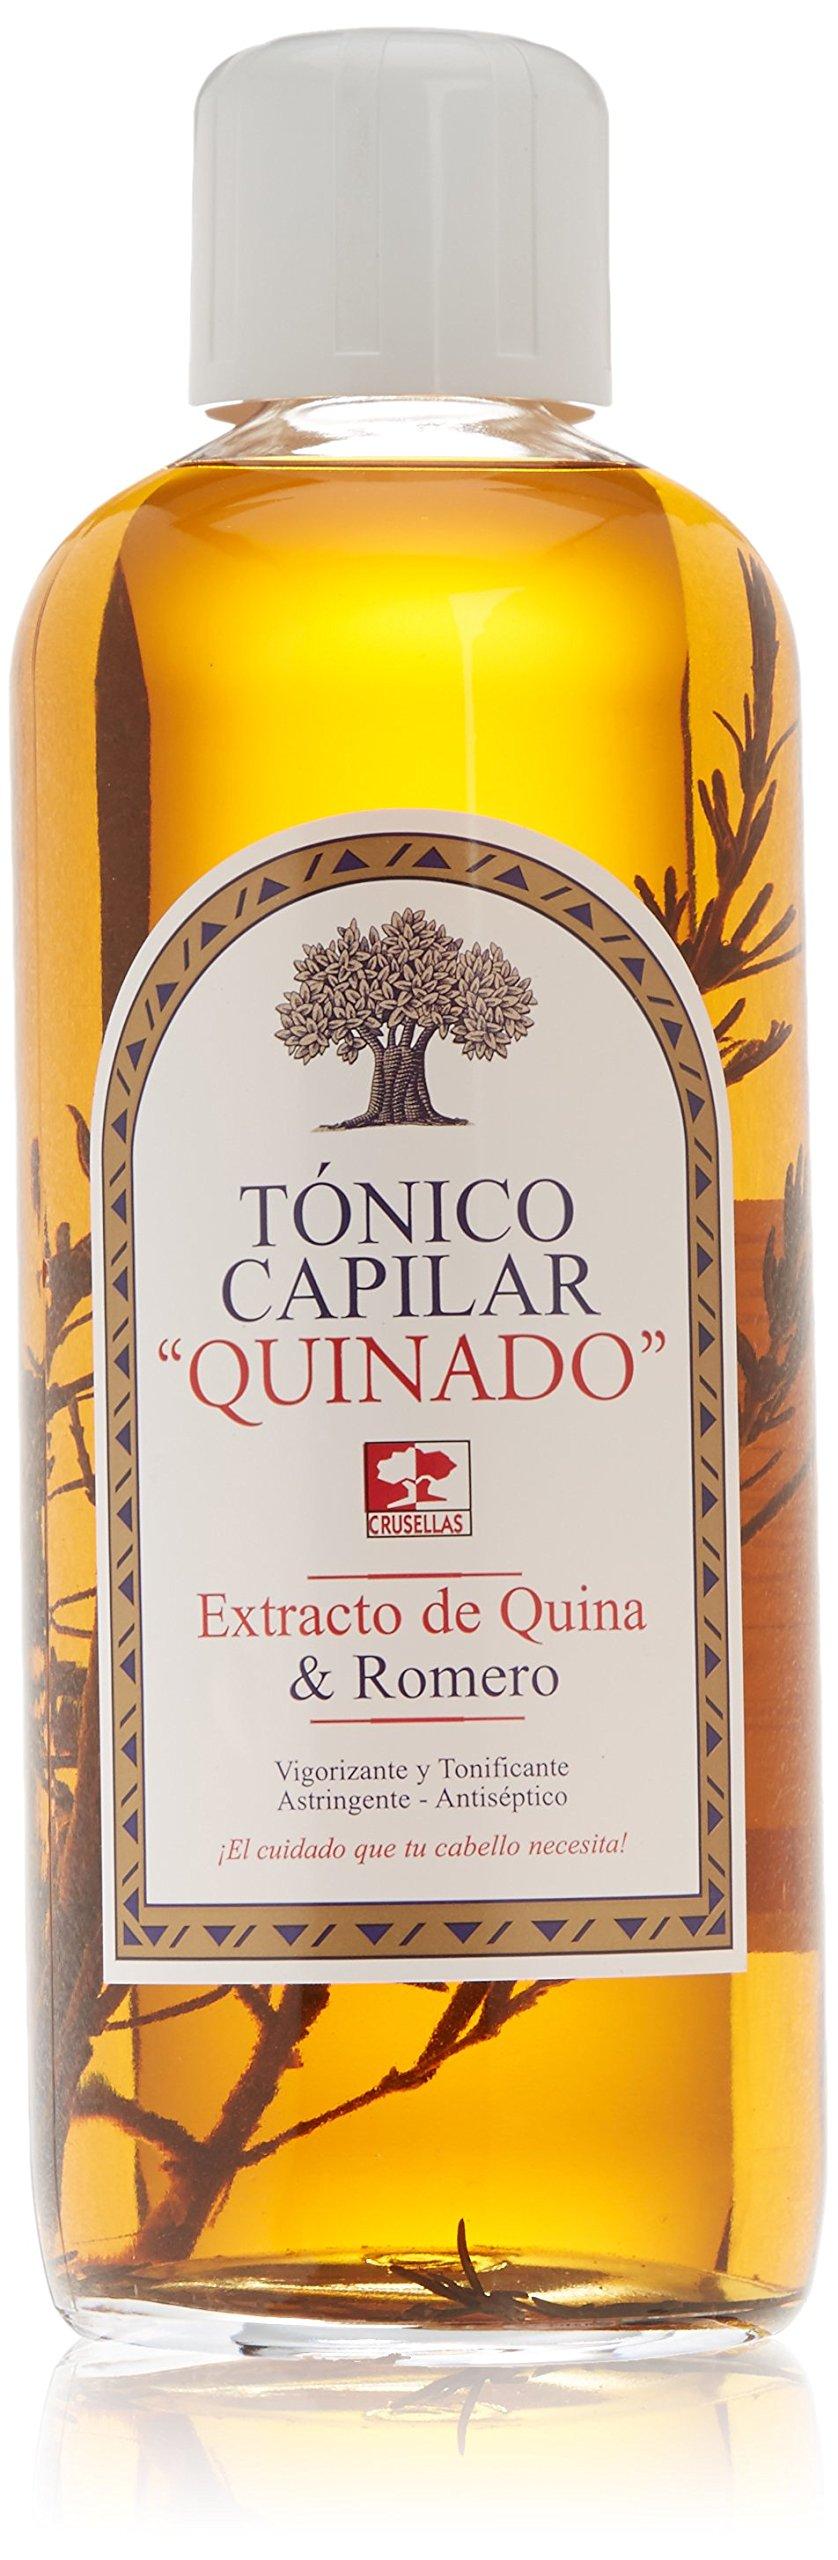 Ron Quina Quinado Herbs Capilar Tonic 1000 ml